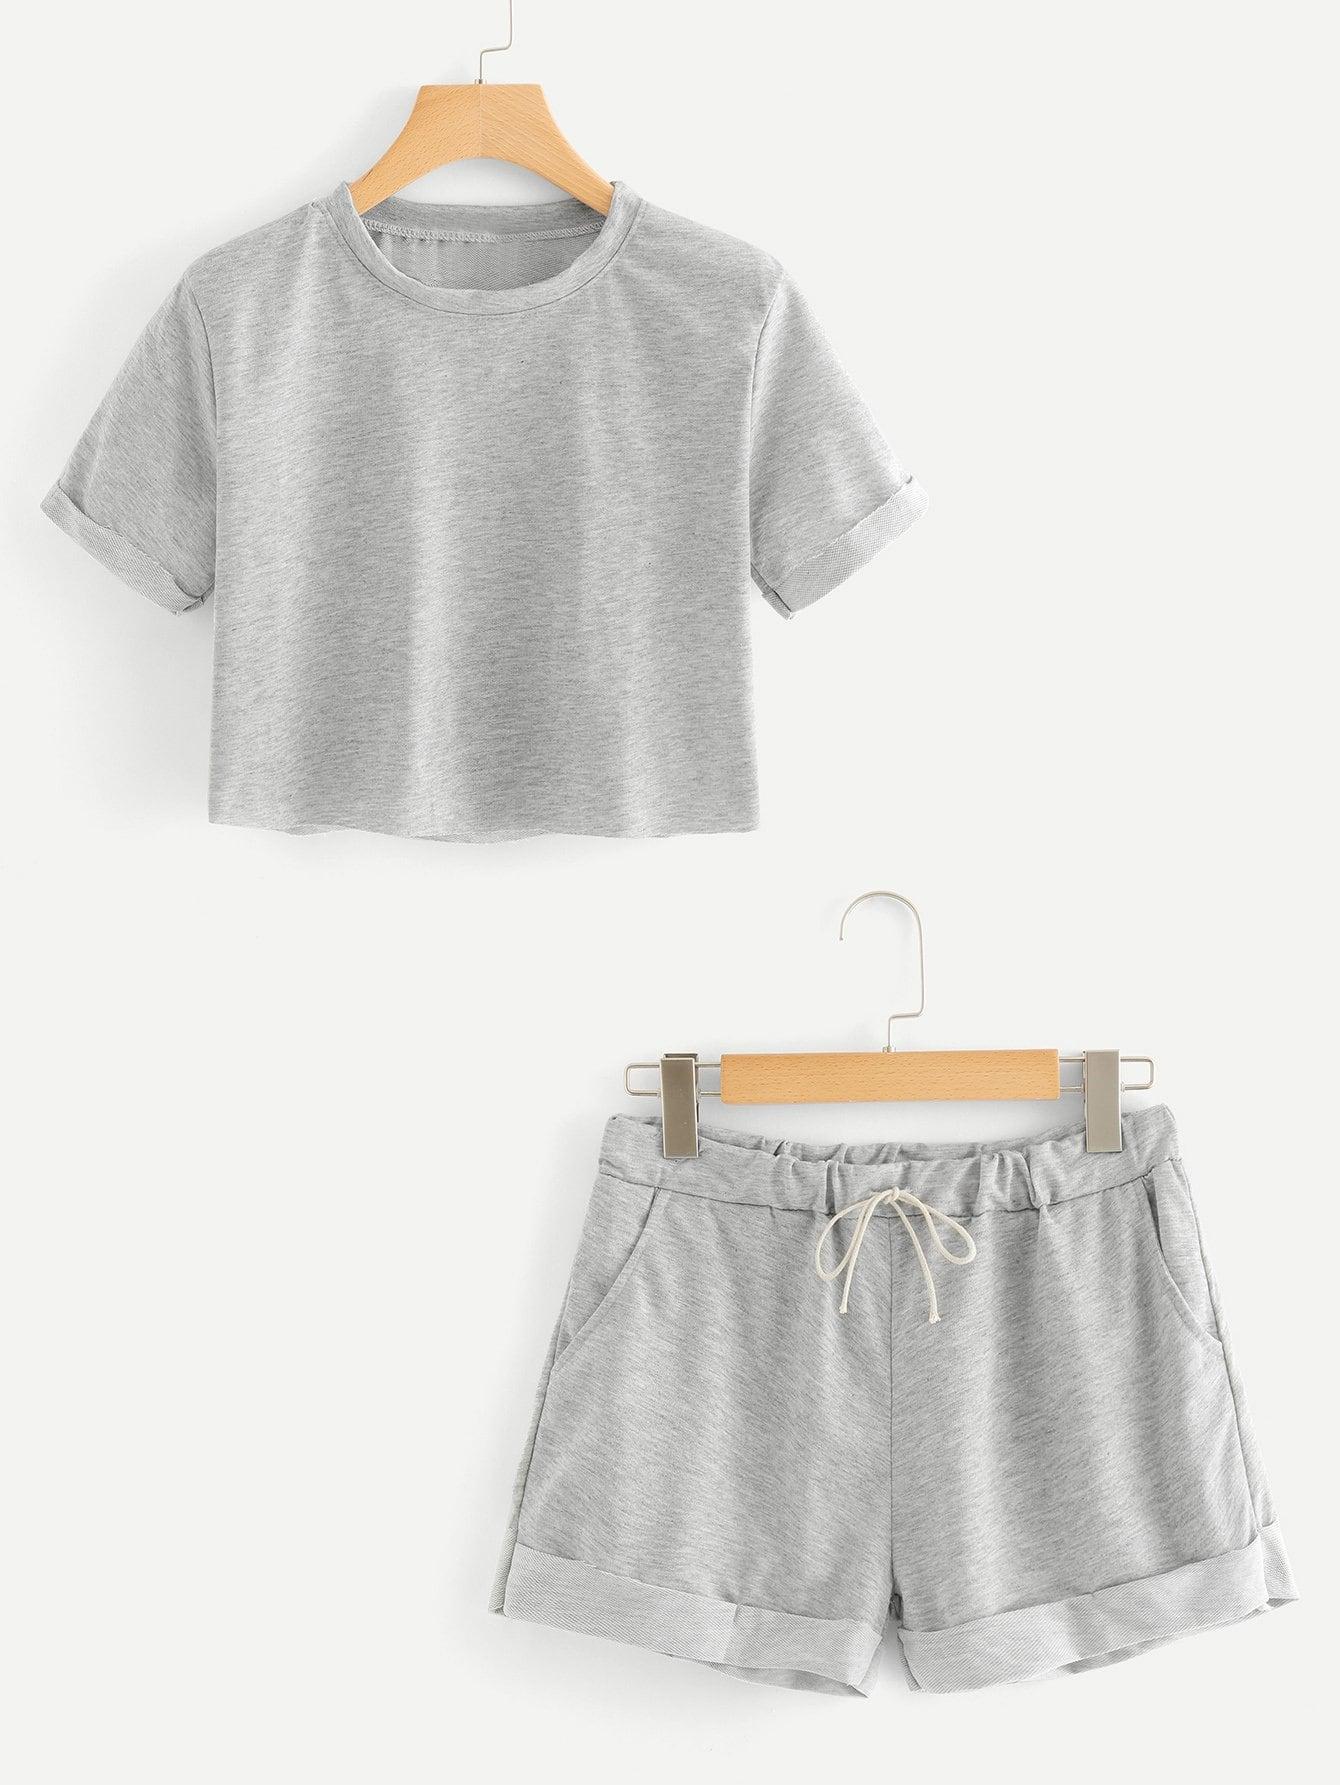 Купить Повседневный стиль Ровный цвет на кулиске Серый Комплект, null, SheIn